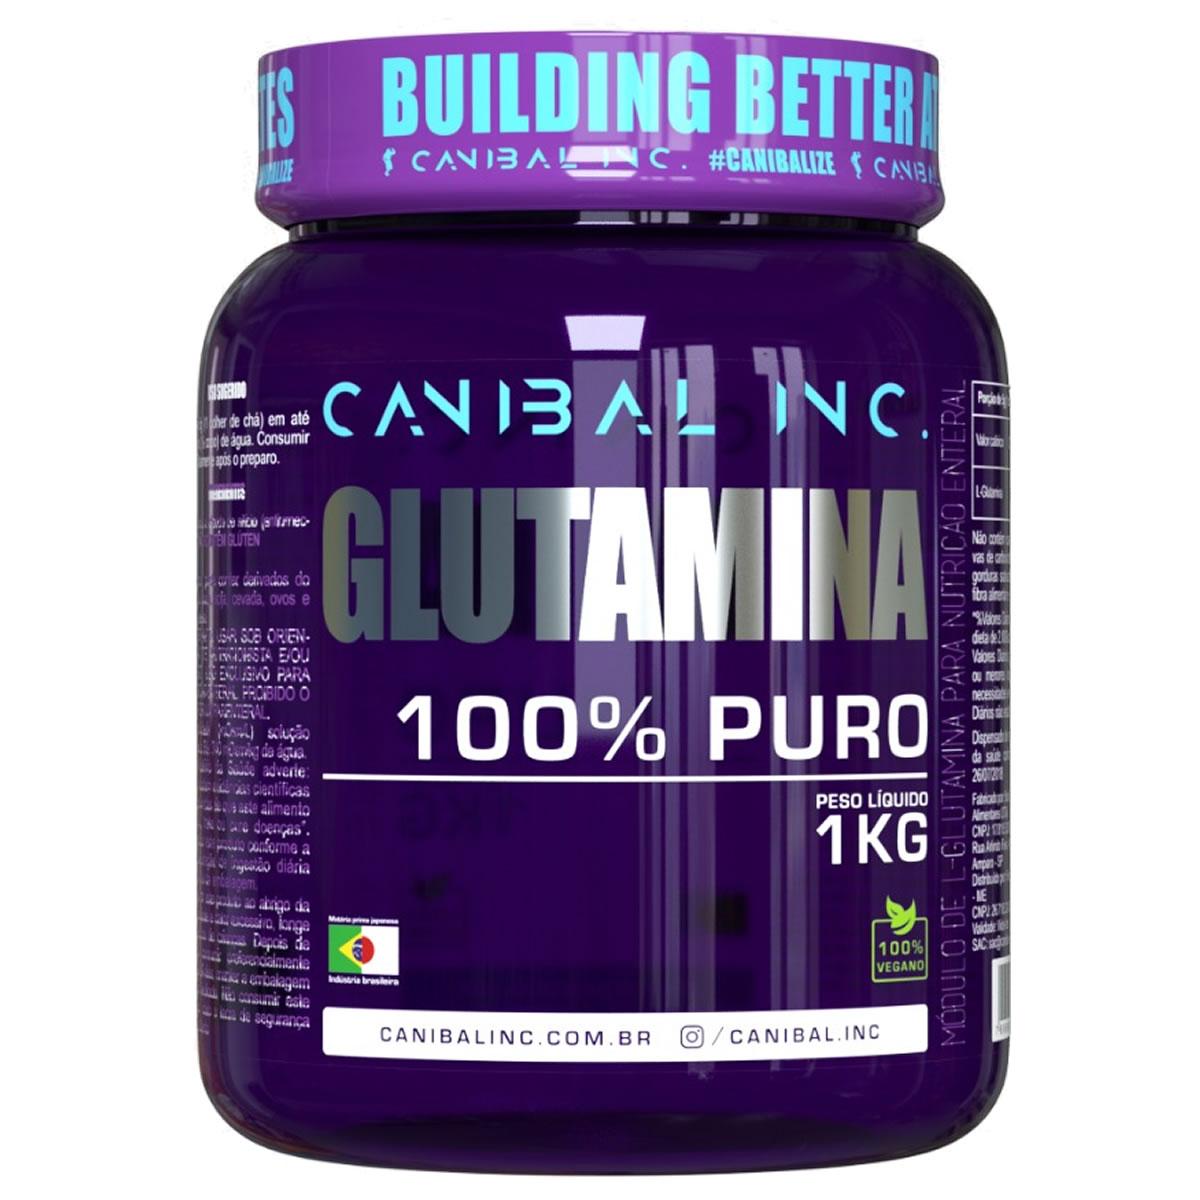 L-Glutamina 1kg - CANIBAL INC